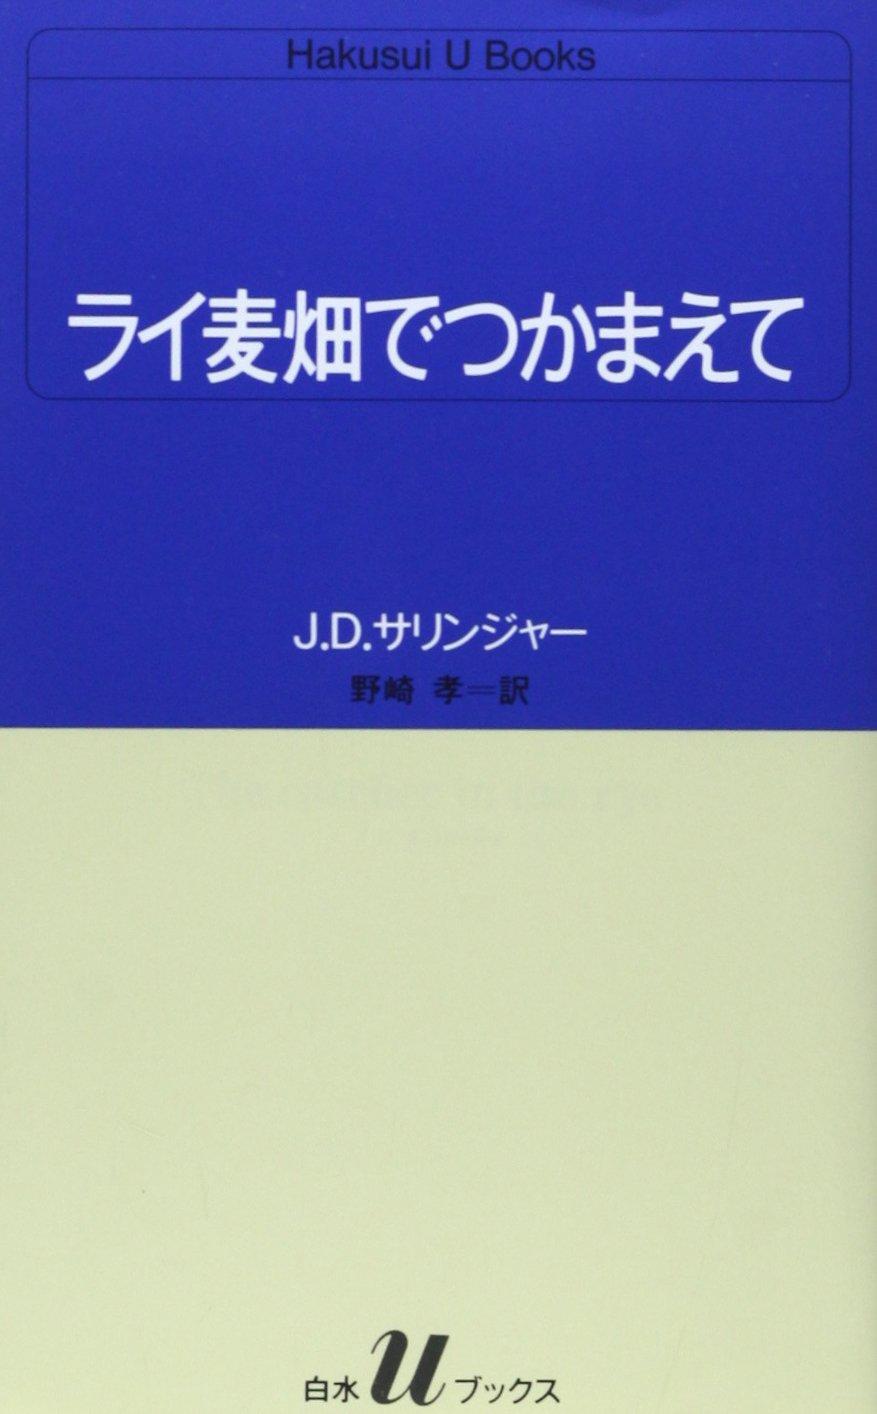 名言で読むサリンジャー!野崎孝の翻訳がおすすめ!